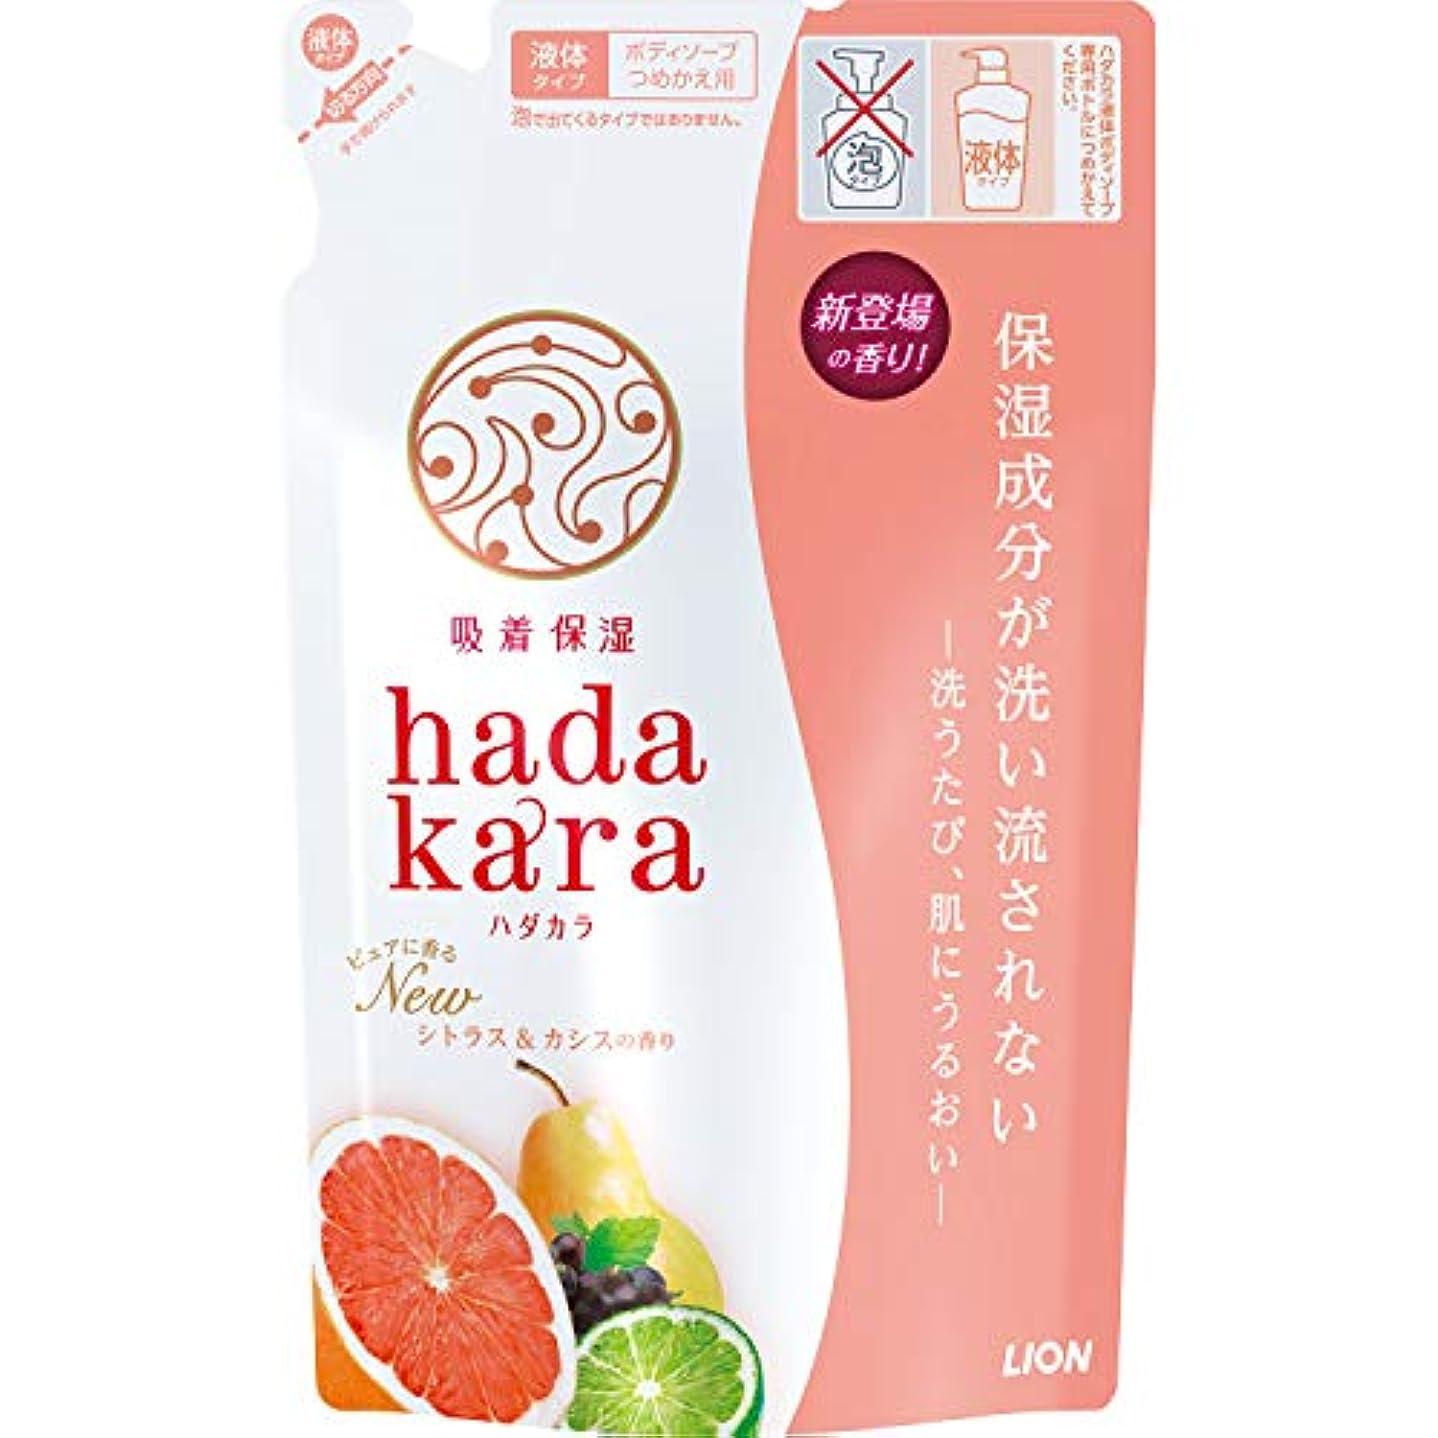 絶滅したギャップアナリストhadakara(ハダカラ)ボディソープ シトラス&カシスの香り つめかえ 360ml